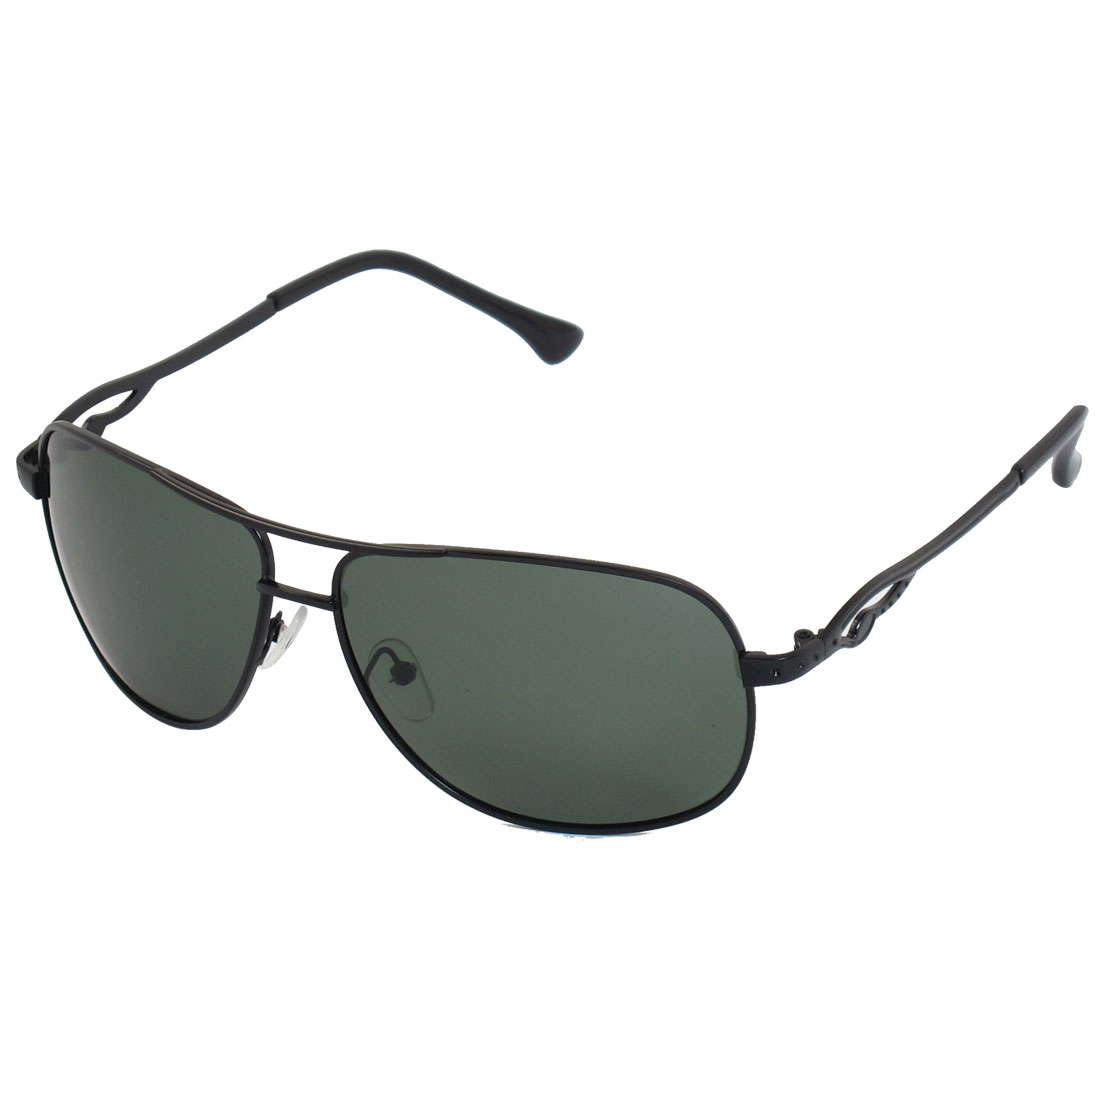 Teardrop Lens Full Rim Driving Polarized Sunglasses Green Black for Men